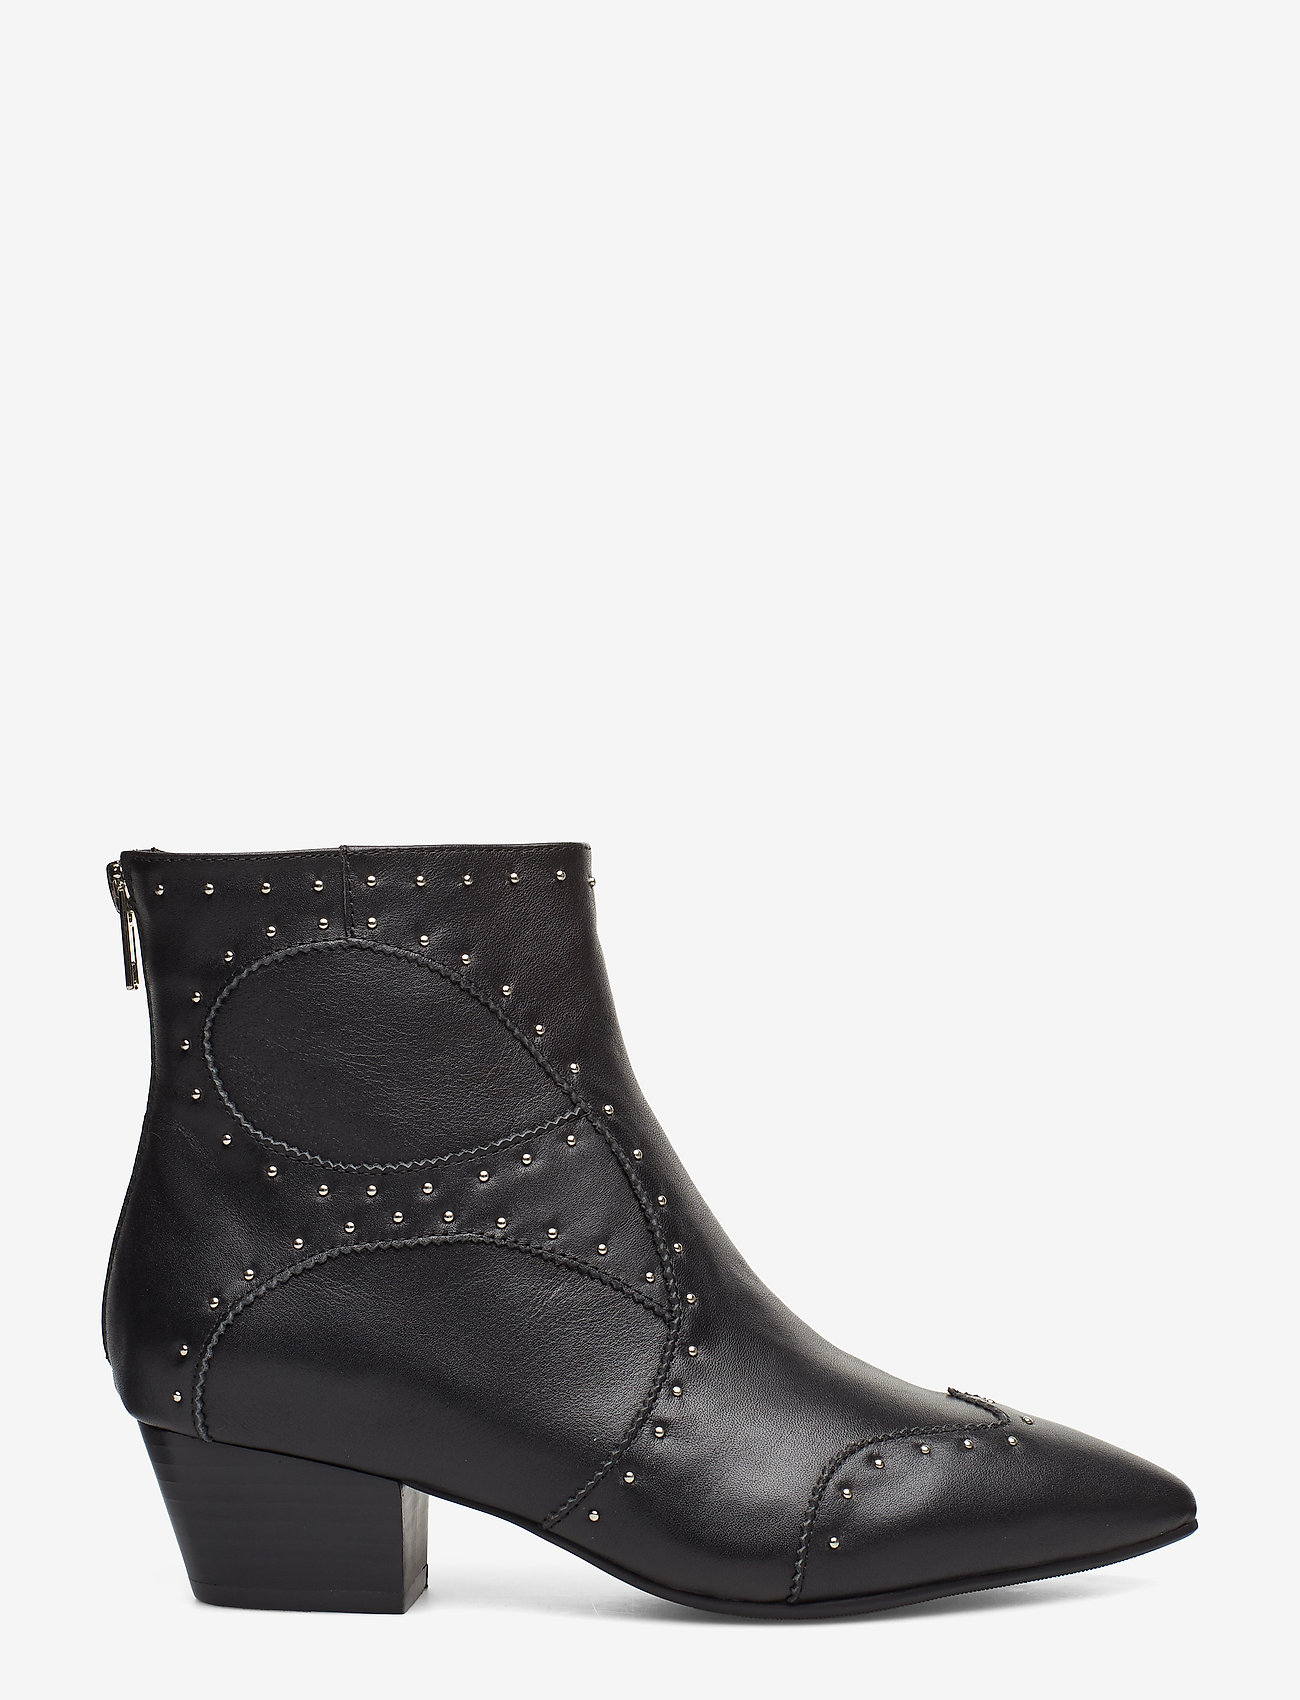 Sofie Schnoor - Boot - ankelstøvler med hæl - black - 1